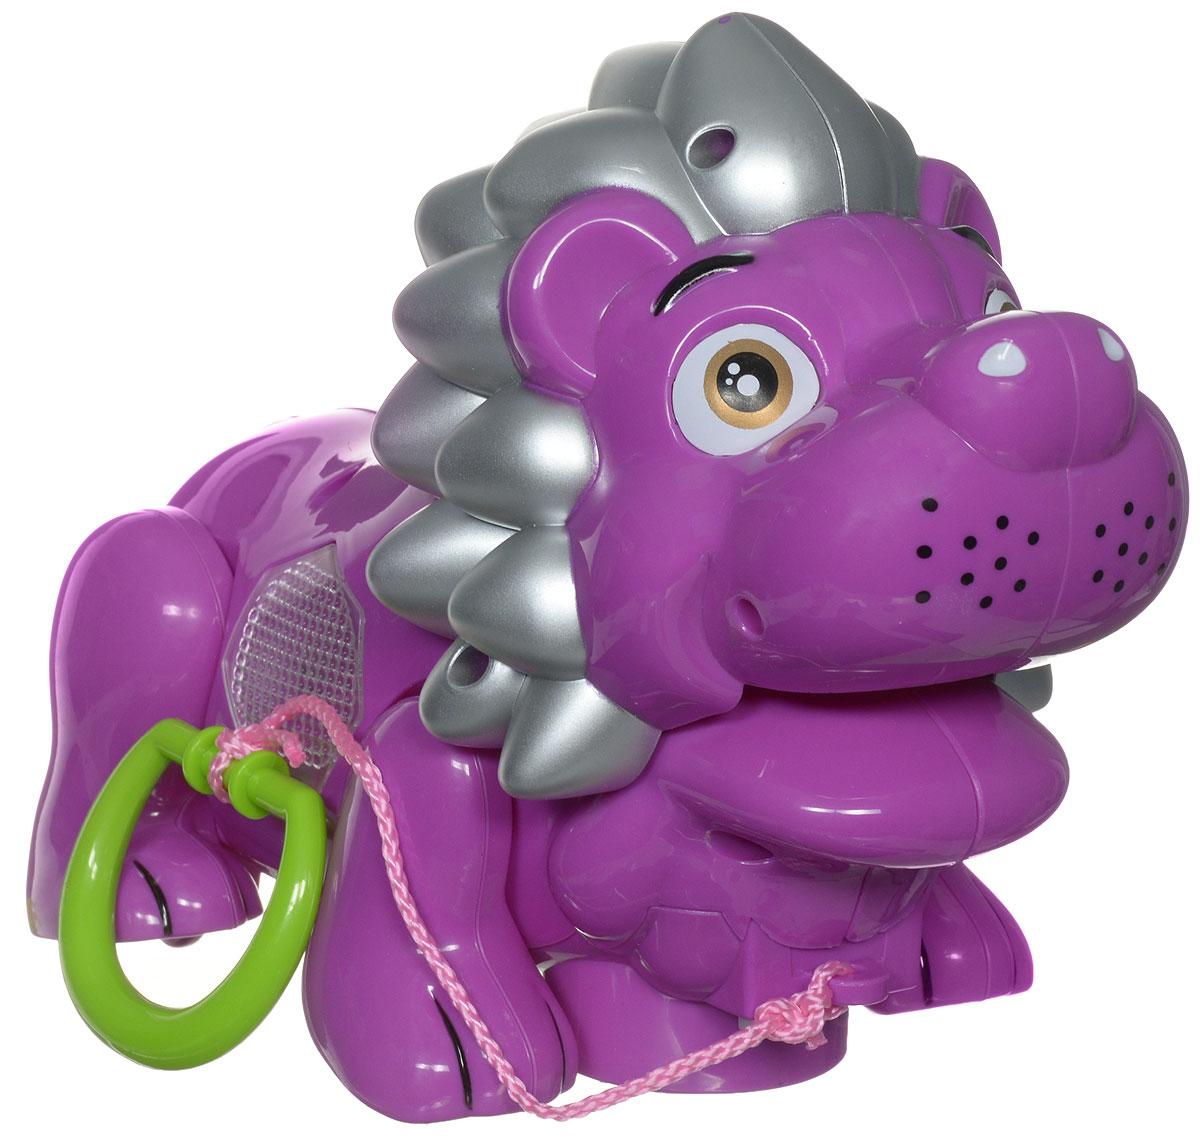 Zhorya Каталка Музыкальный львенок цвет фиолетовыйХ75386_фиолетЯркая игрушка-каталка Музыкальный львенок будет побуждать вашего ребенка к прогулкам и двигательной активности. Она подойдет для игры, как дома, так и на свежем воздухе. Игрушка со световыми и звуковыми эффектами выполнена из безопасного пластика в виде милого львенка. При движении львенок забавно двигает лапкой и головой. А ещё игрушка споет веселую песенку на русском языке и замигает яркой подсветкой. У каталки есть режим Произвольное движение. Ребенок сможет катать игрушку, потянув за текстильный шнурок. Игрушка-каталка Львенок развивает у ребенка пространственное мышление, цветовое восприятие, ловкость и координацию движений, тактильные ощущения, память, внимание и слух. Для работы игрушки необходимы 3 батарейки напряжением 1,5V типа АА (не входят в комплект).